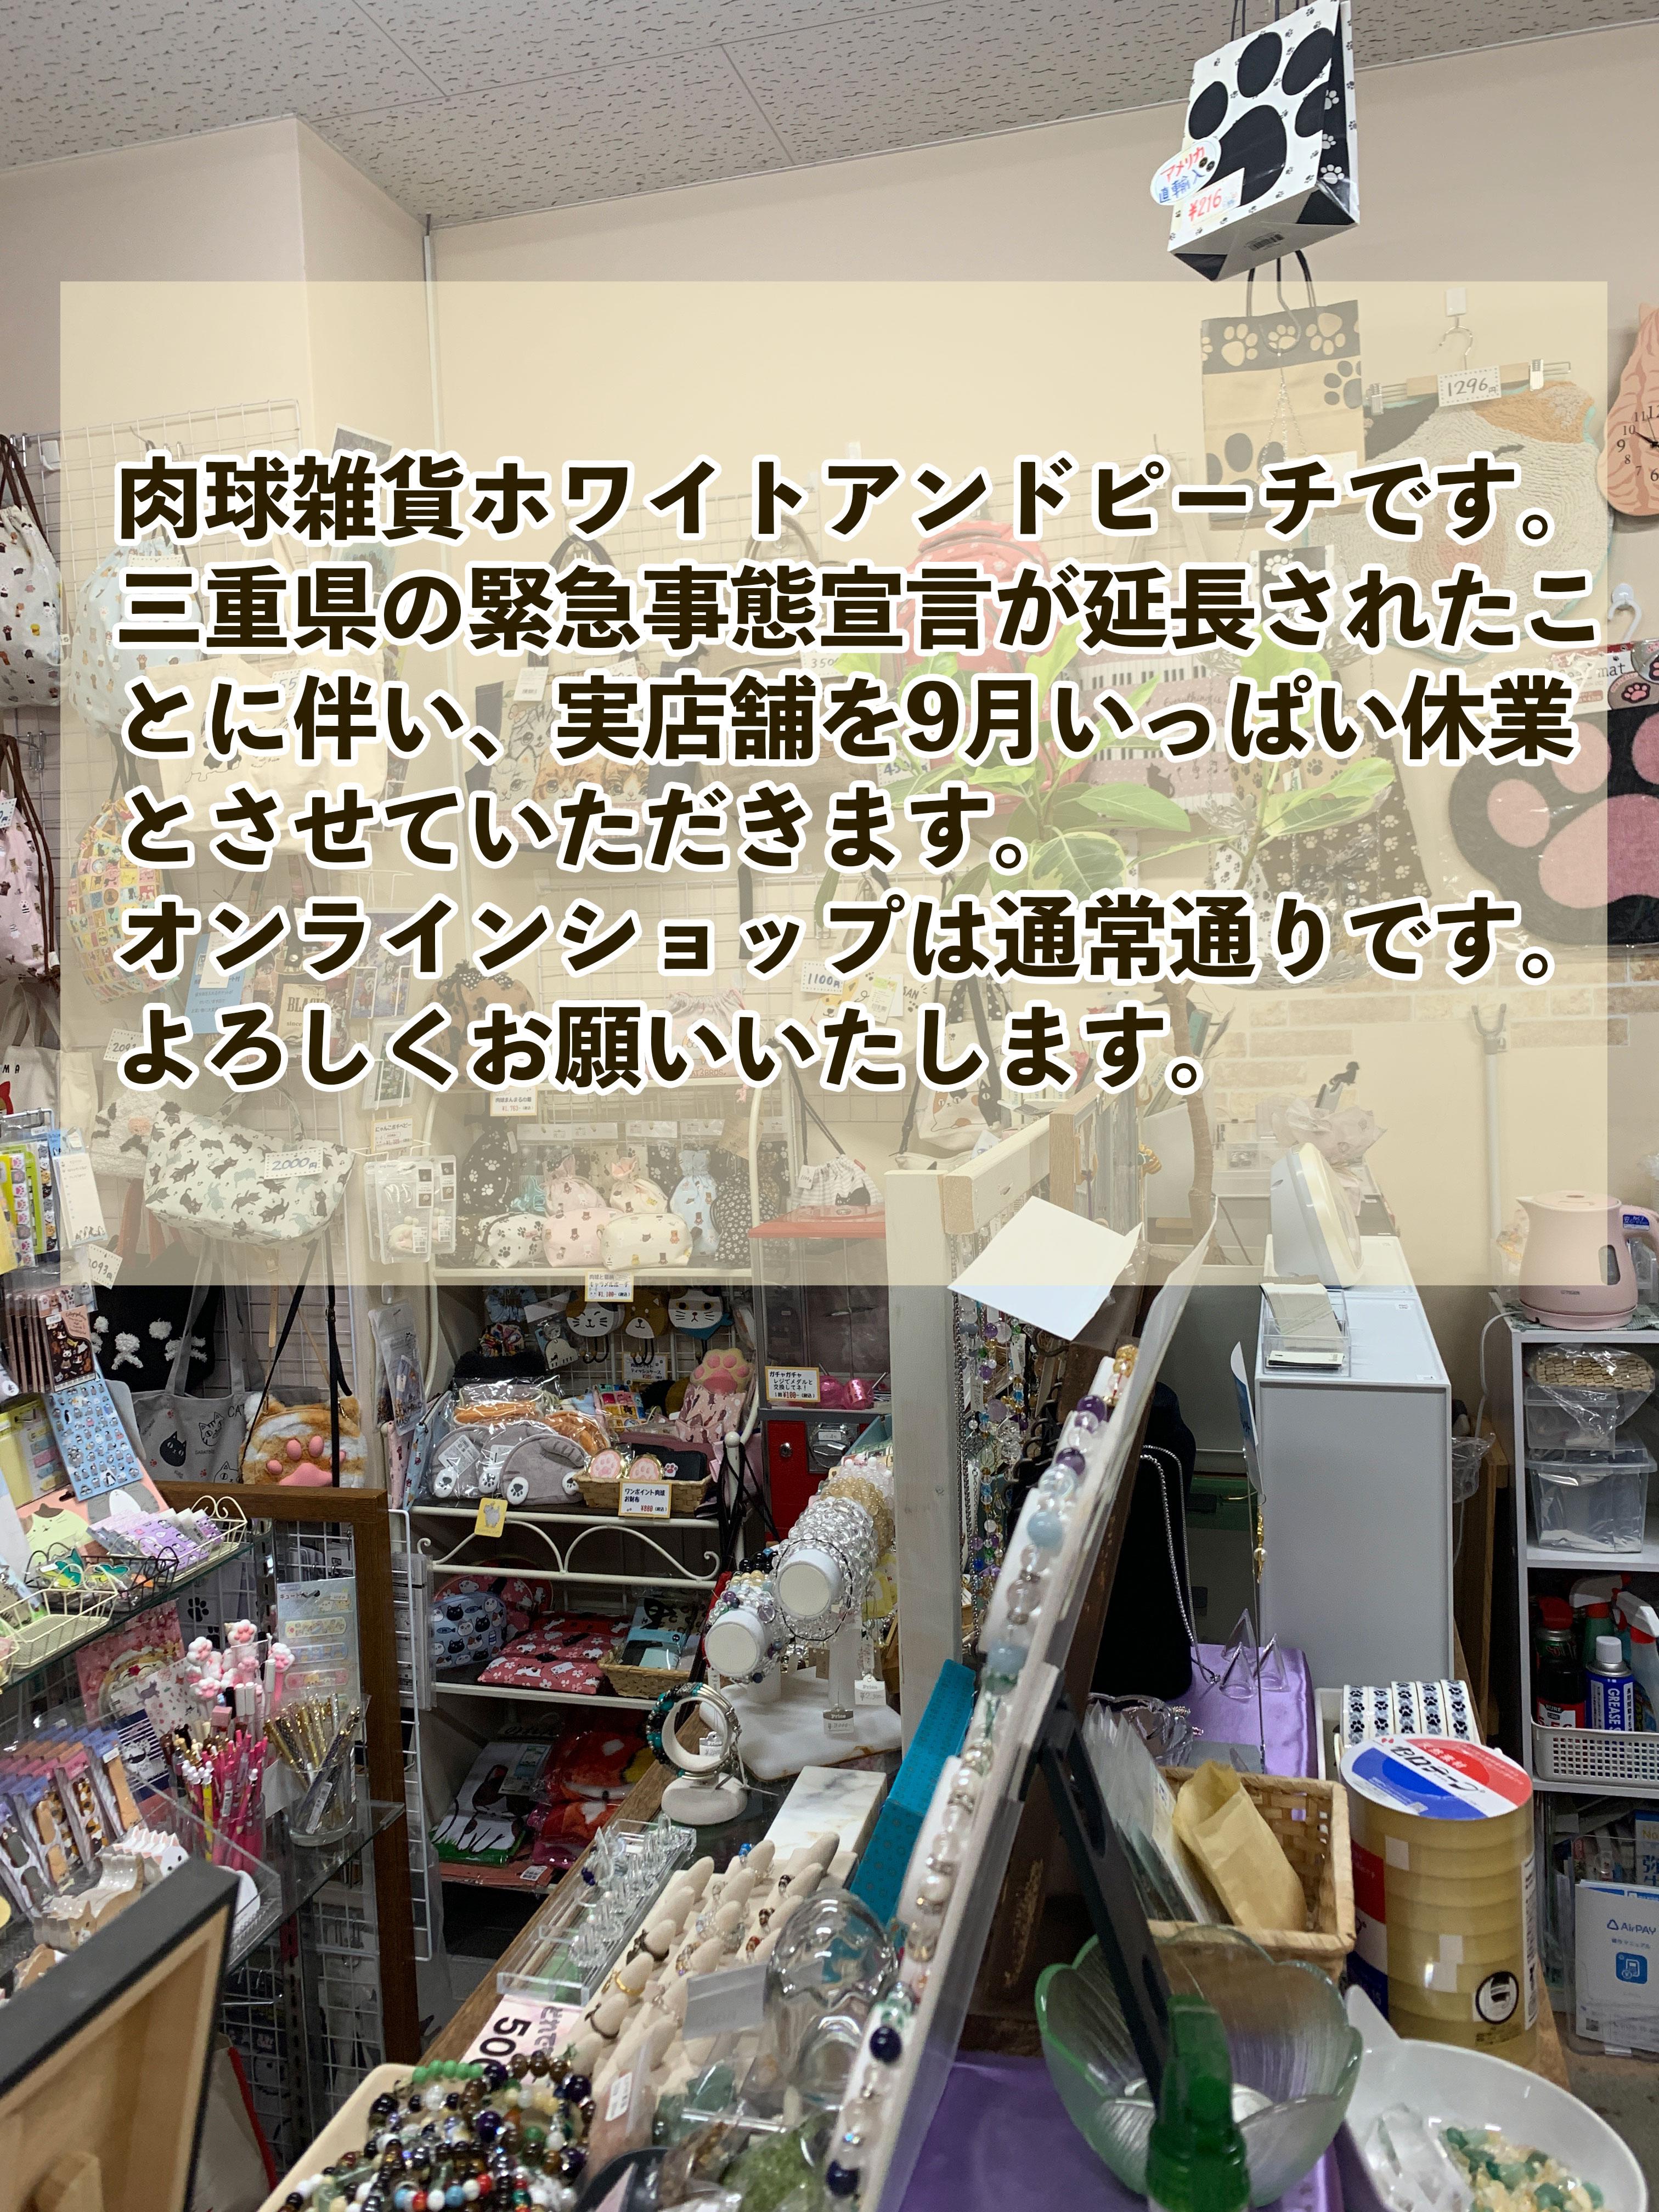 実店舗・臨時休業延長のお知らせ